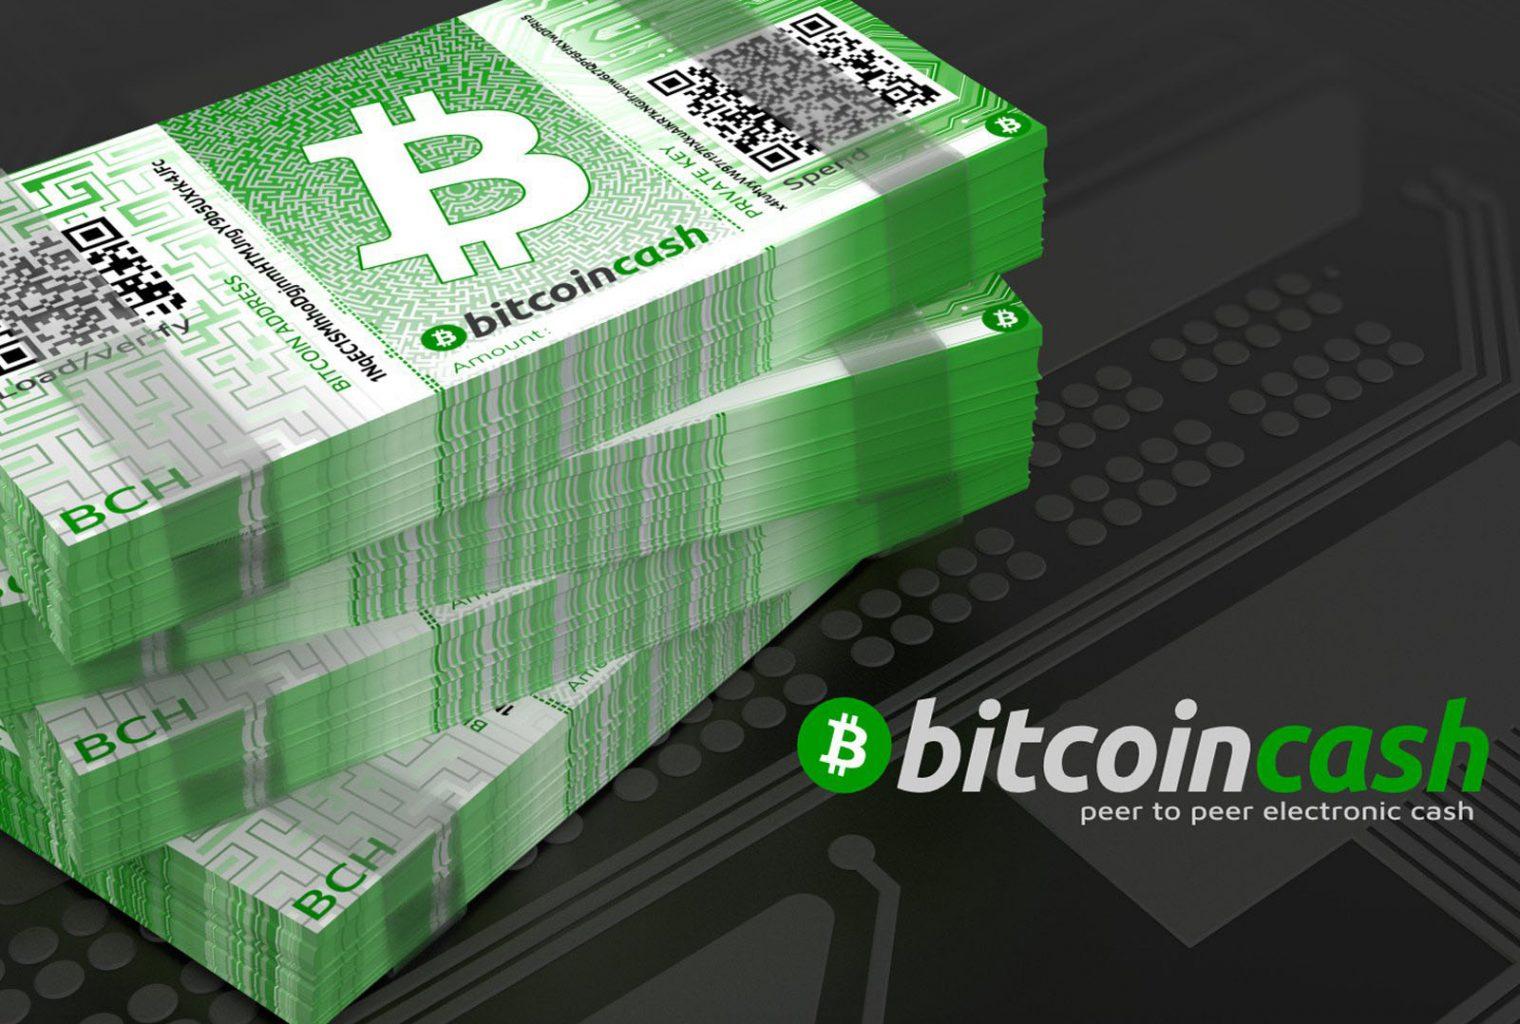 guadagnare soldi con bitcoin locale un lavoro a casa online turismo rischi e vantaggi trading online